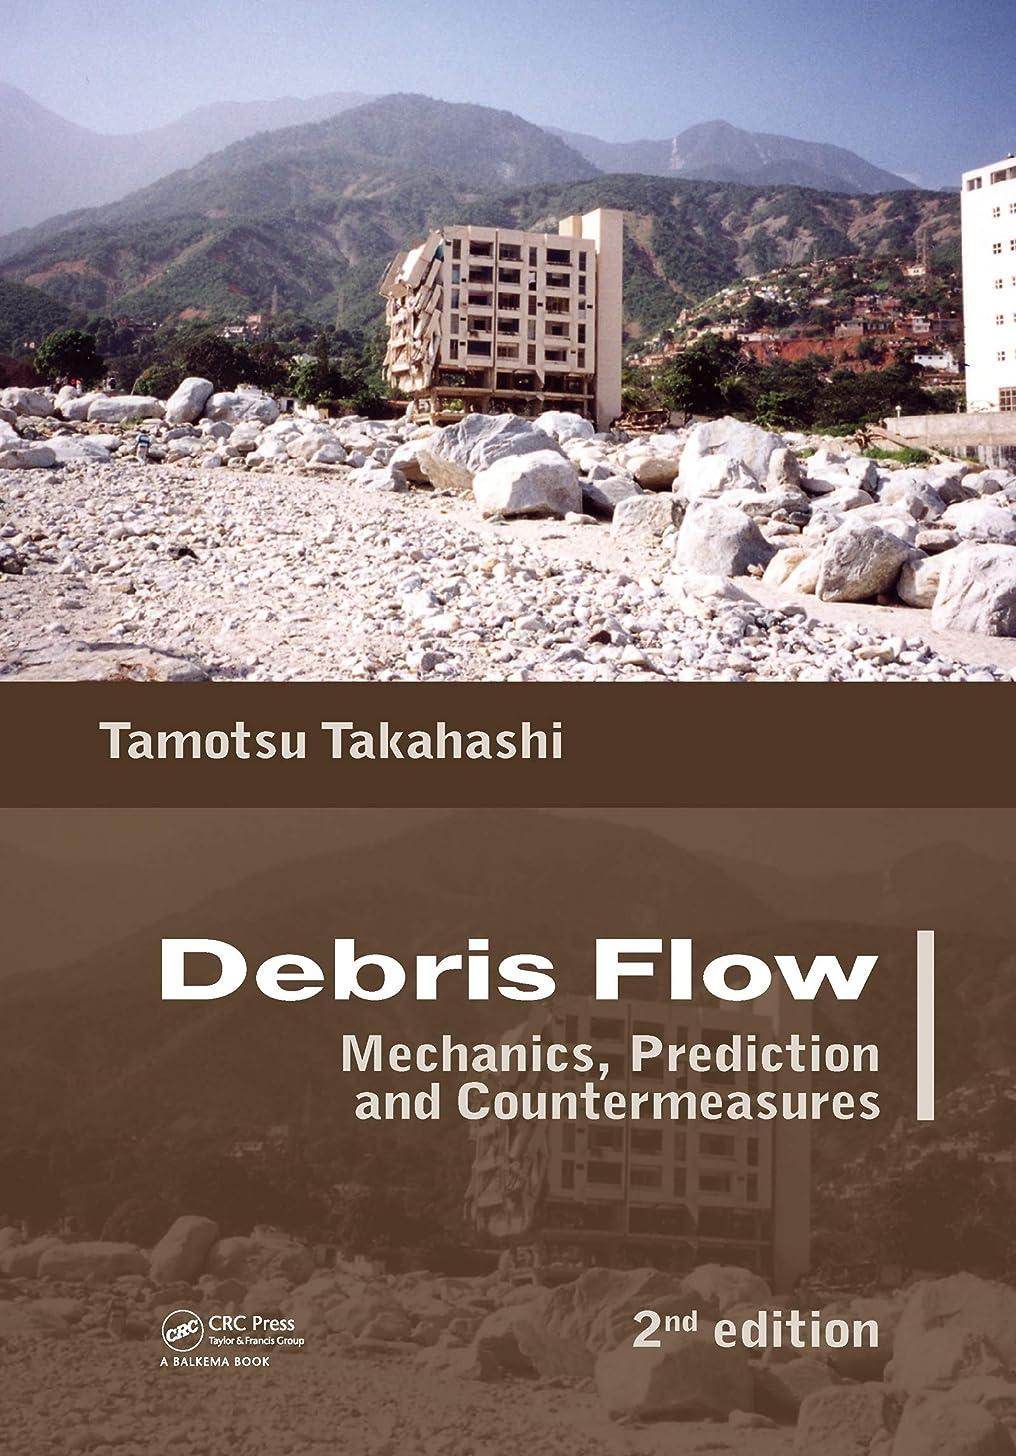 ハイランド細部出席Debris Flow: Mechanics, Prediction and Countermeasures, 2nd edition (English Edition)